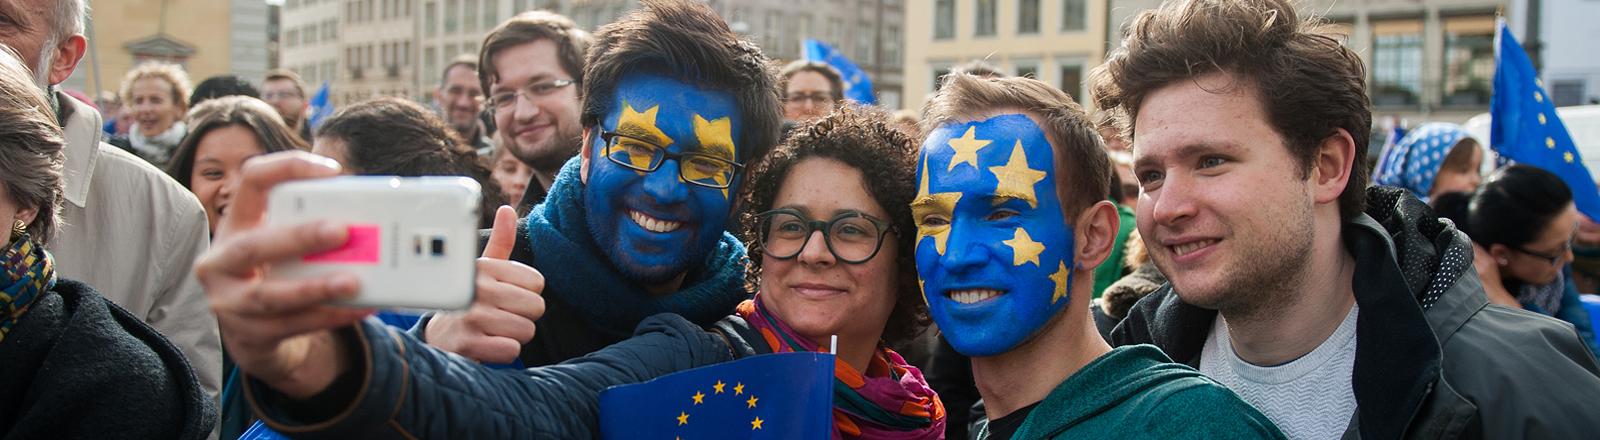 Auf der Demo von Pulse Of Europe in München Anfang März 2017